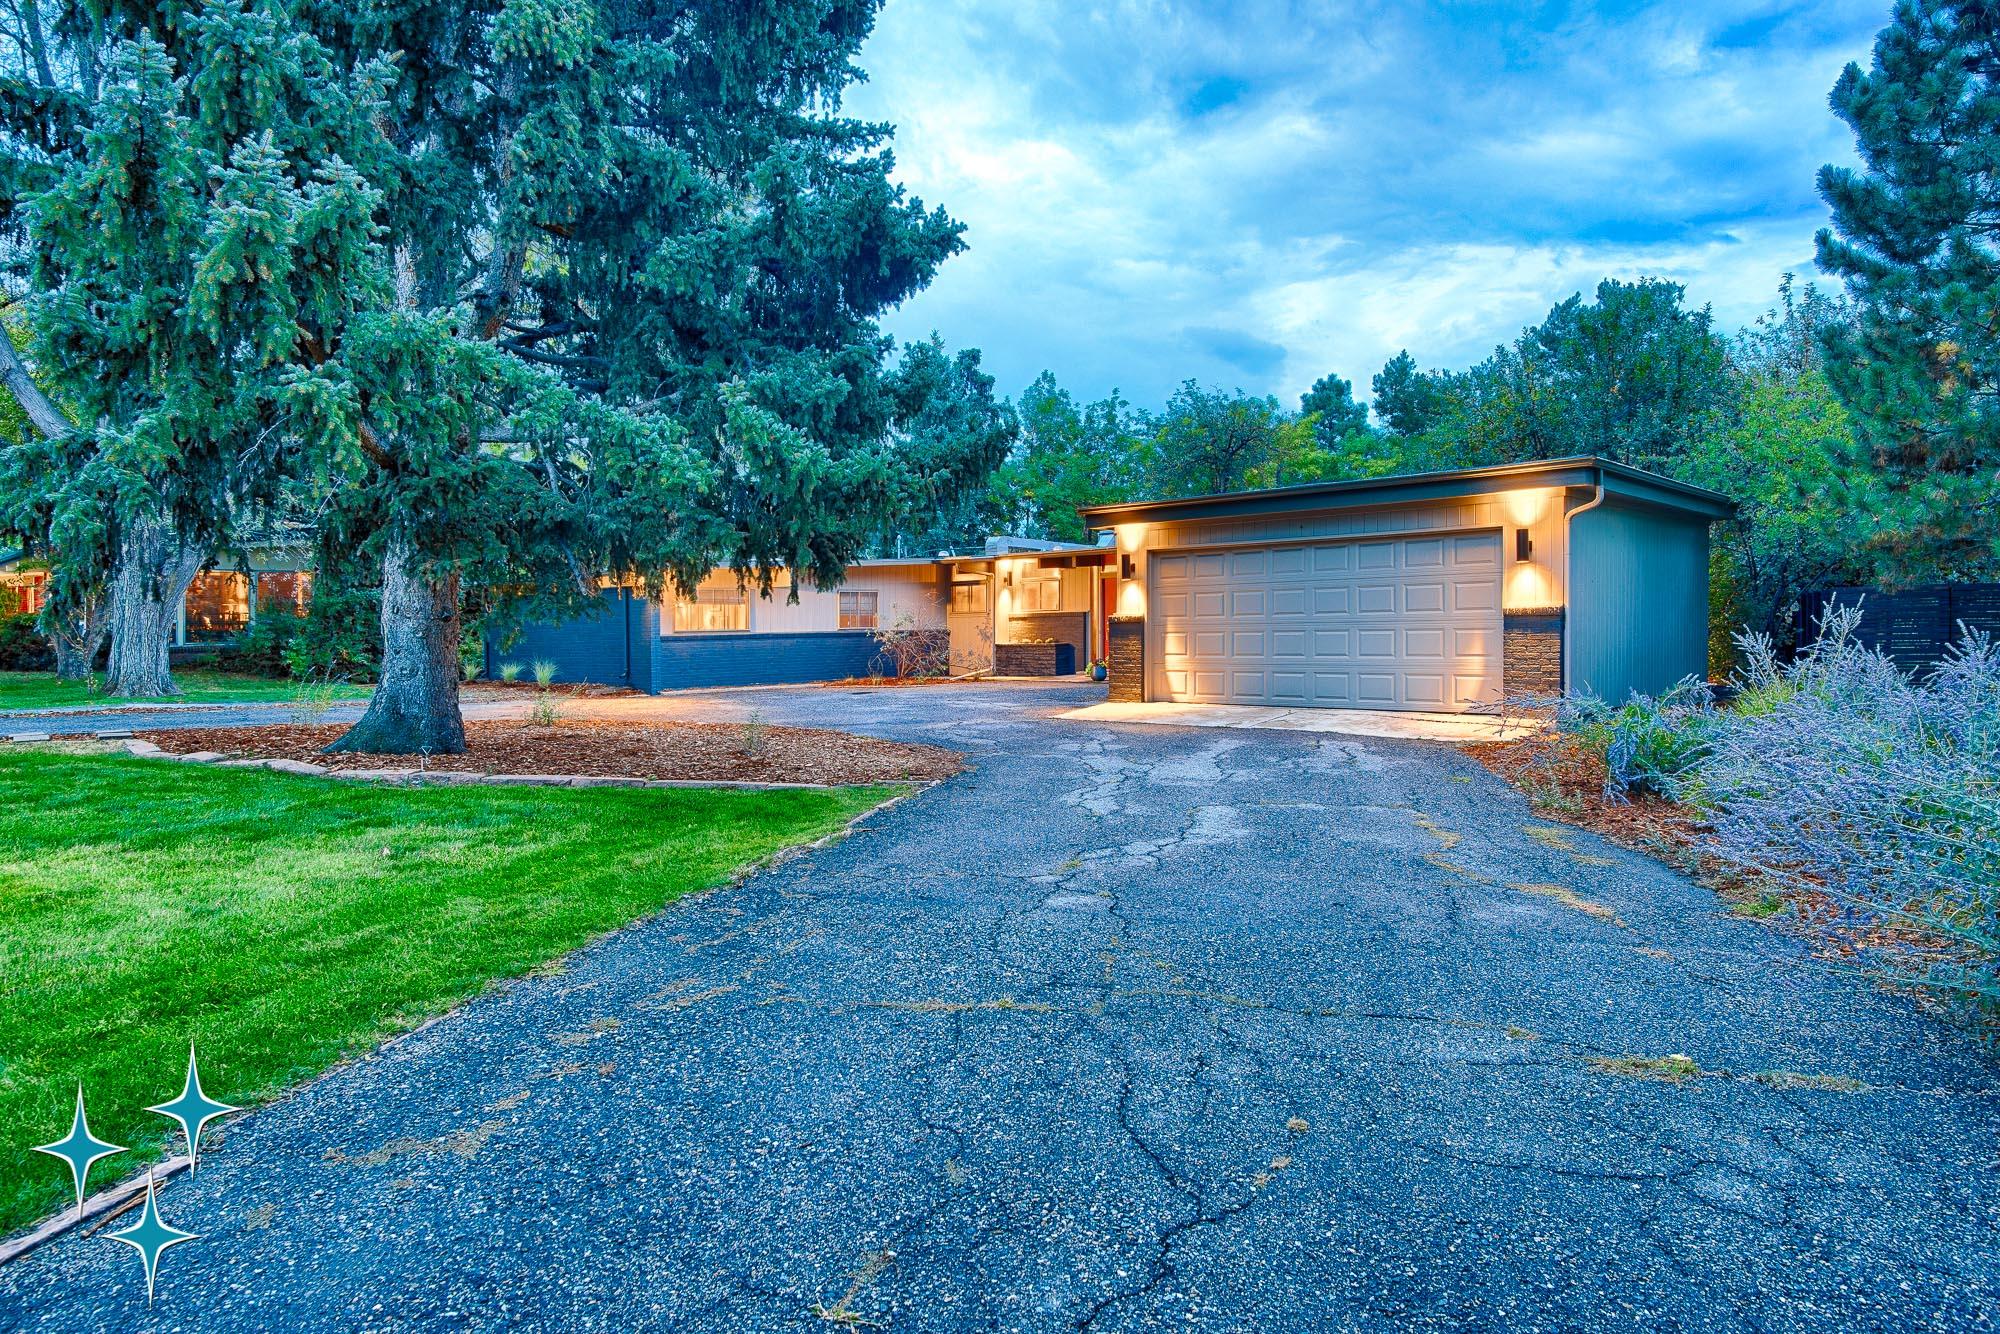 Adrian-Kinney-4920-E-Vassar-Lane-Denver-Dahlia-Acres-2000w50-3SWM-6.jpg